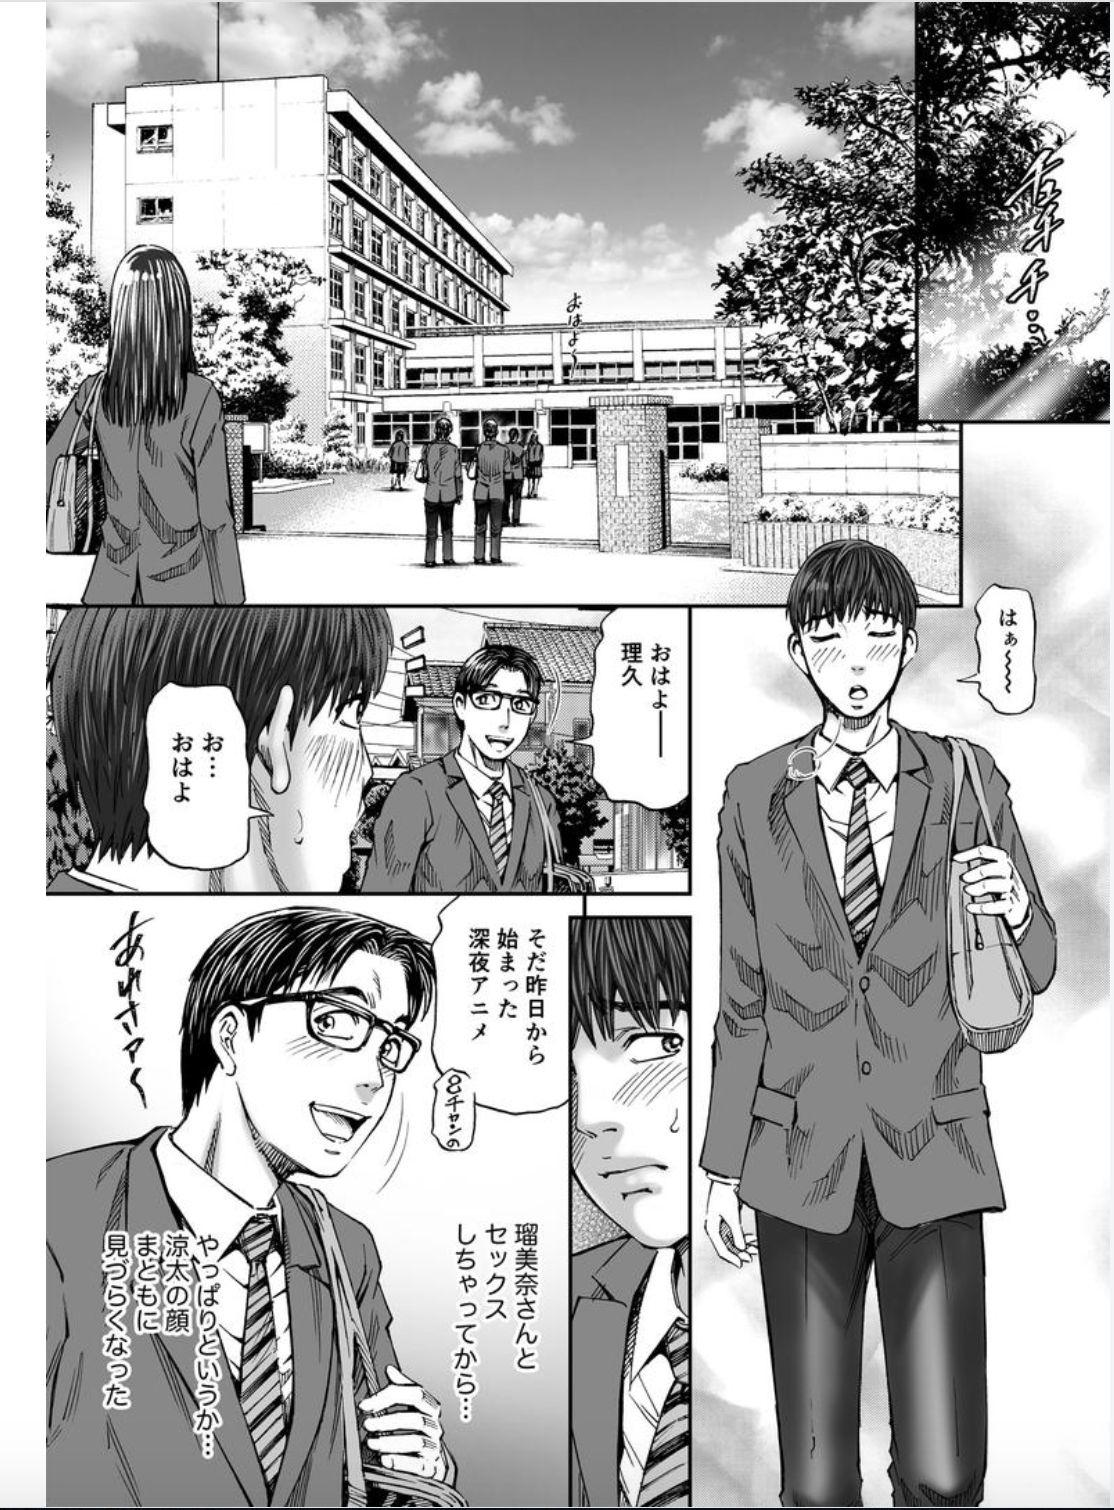 Seisyoku Dance Hitodzuma no chitsueki ni mamirete 1-2 76